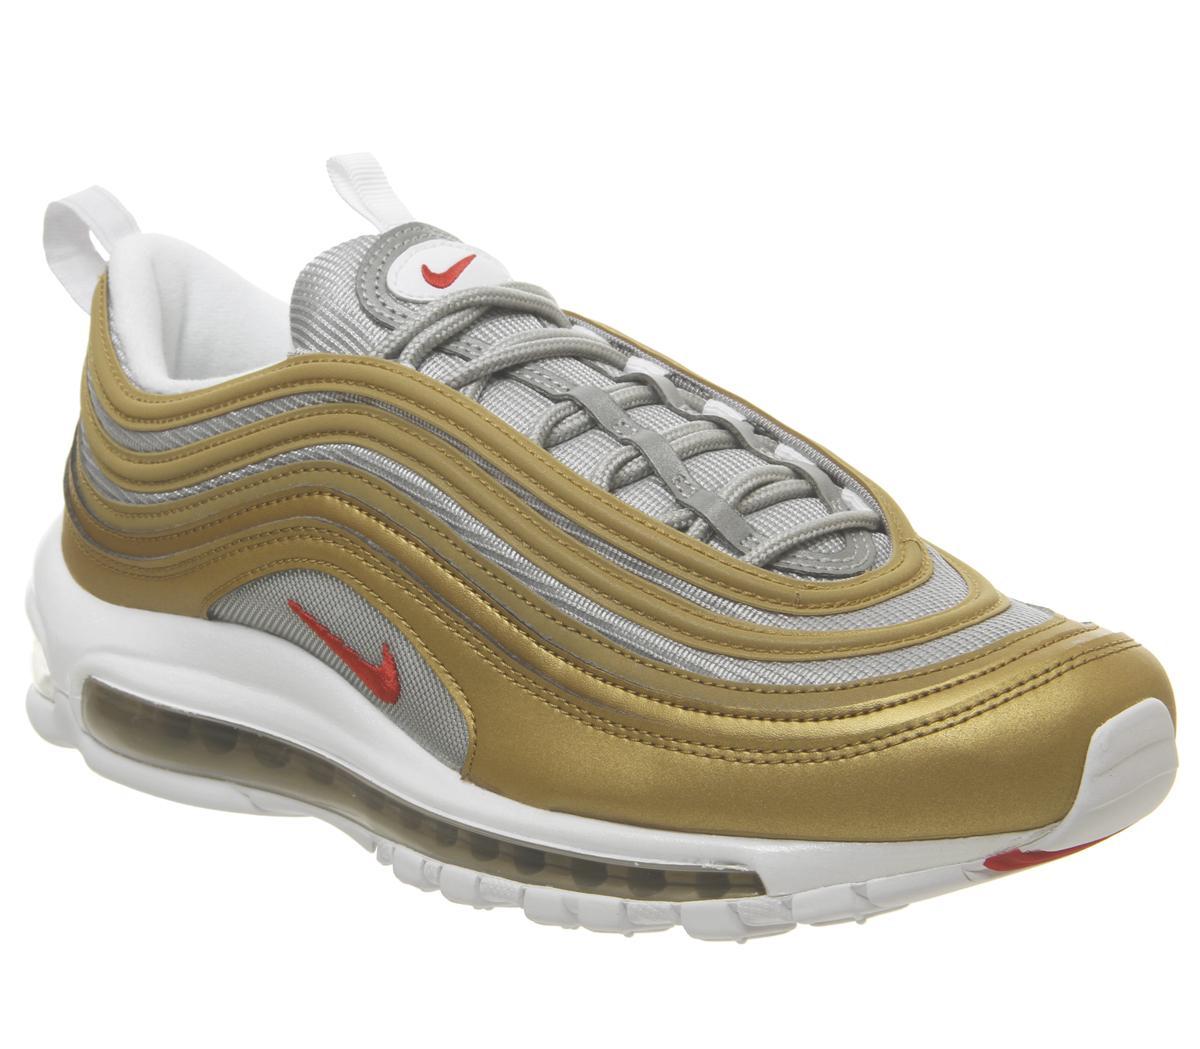 air max 97 silver gold